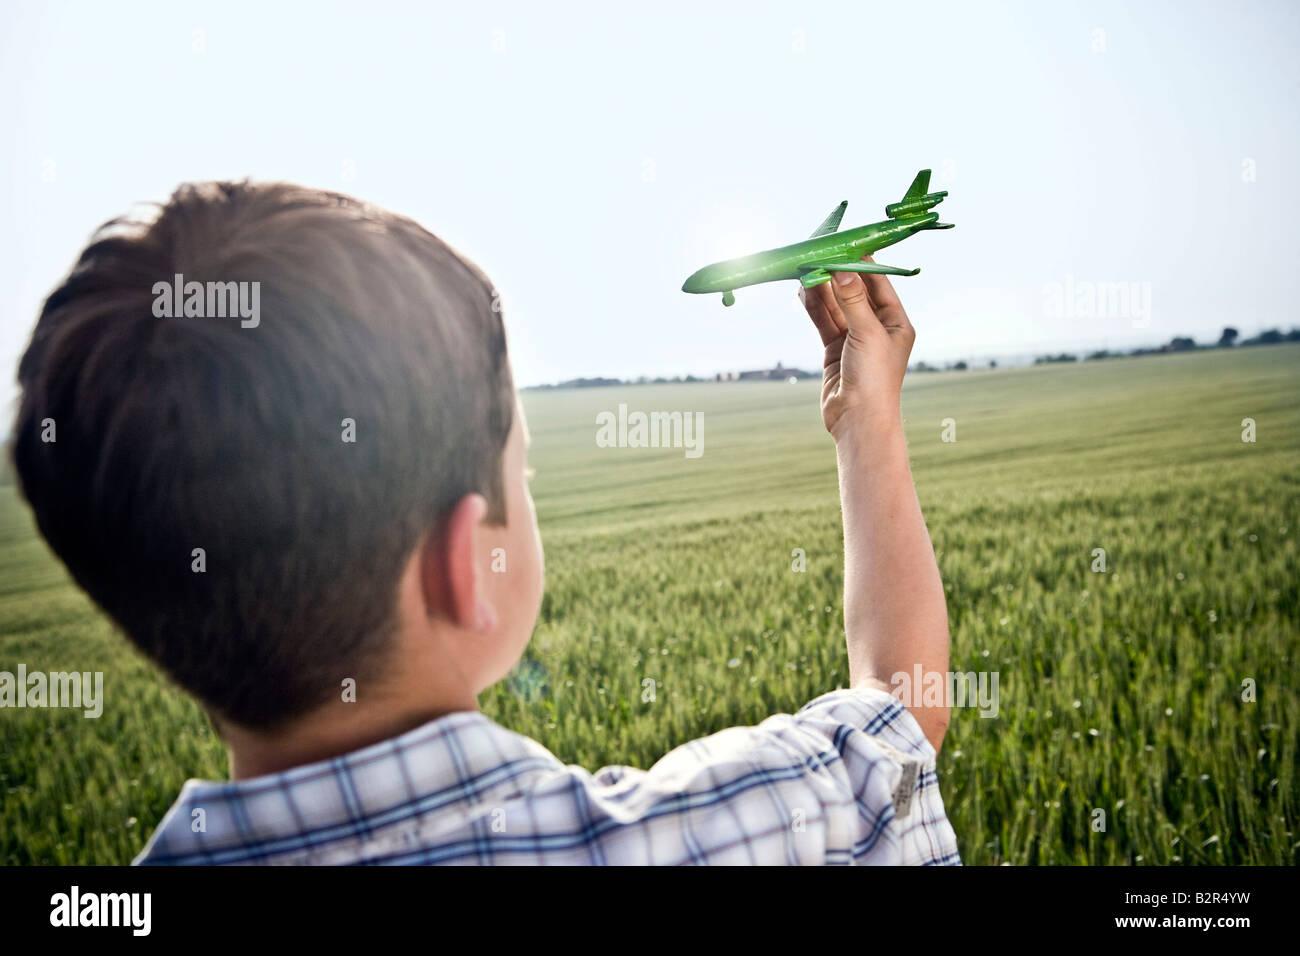 Jungen spielen mit Spielzeug Flugzeug Stockfoto